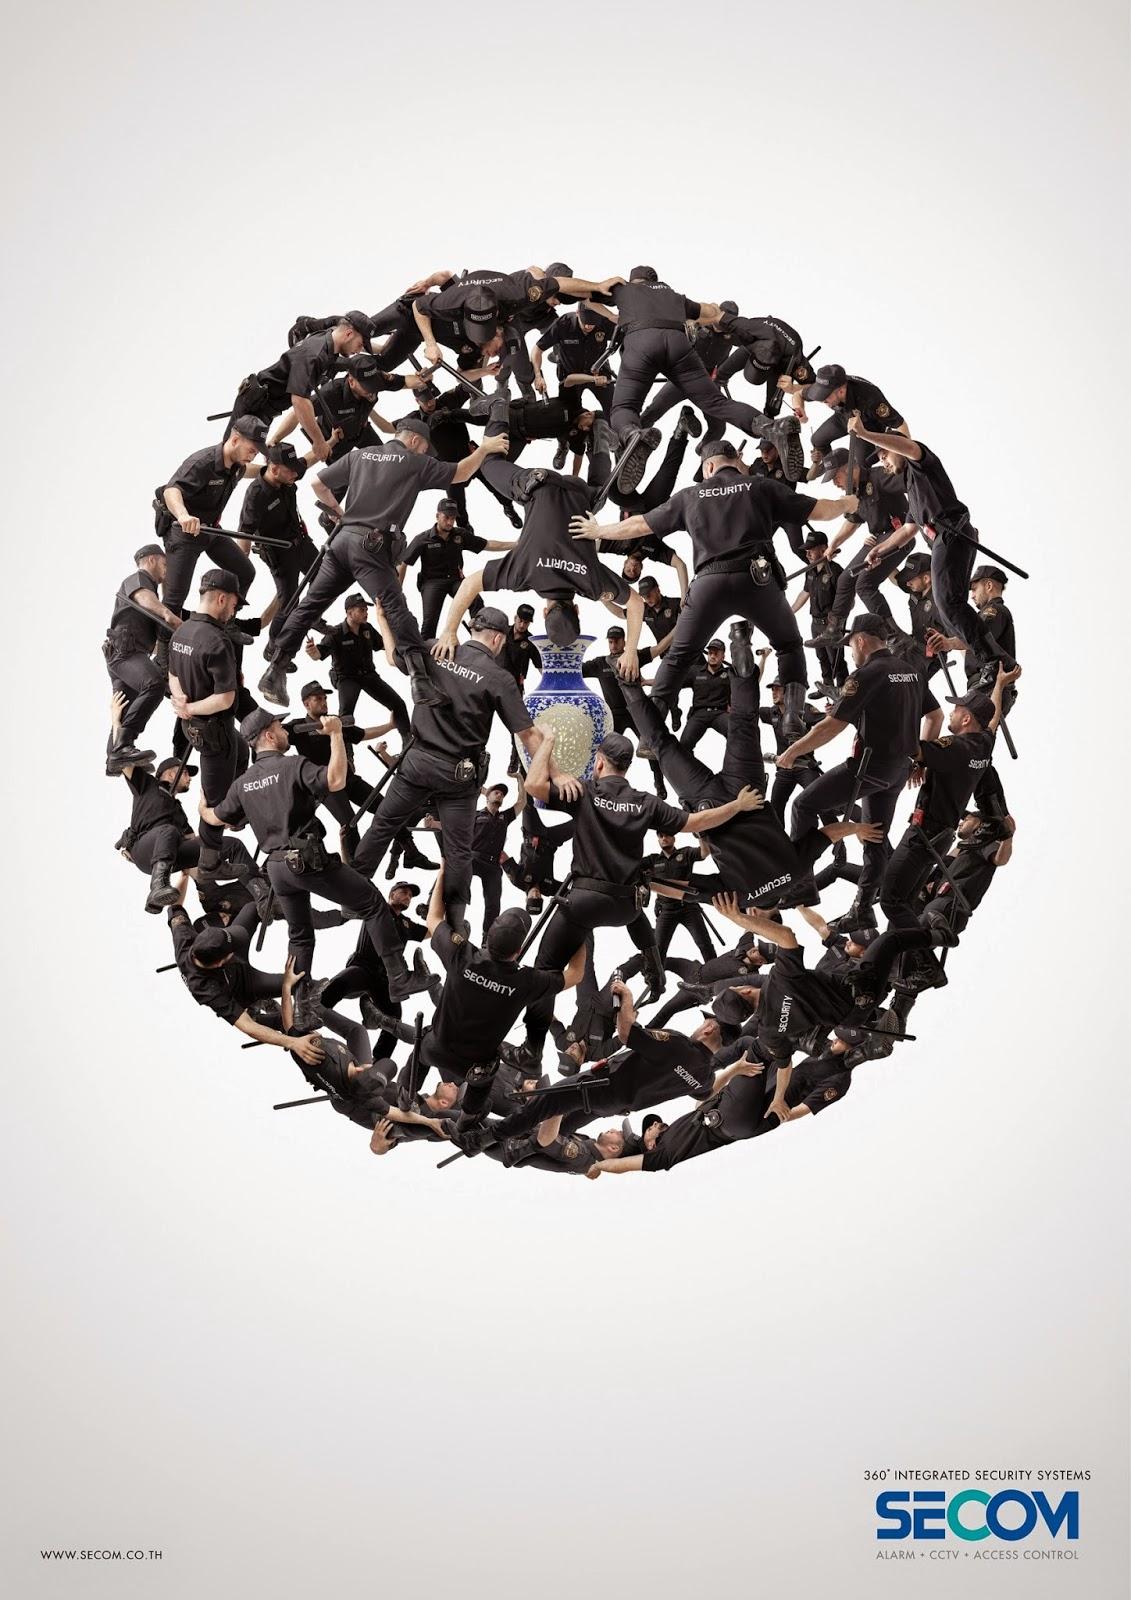 mundo de gente